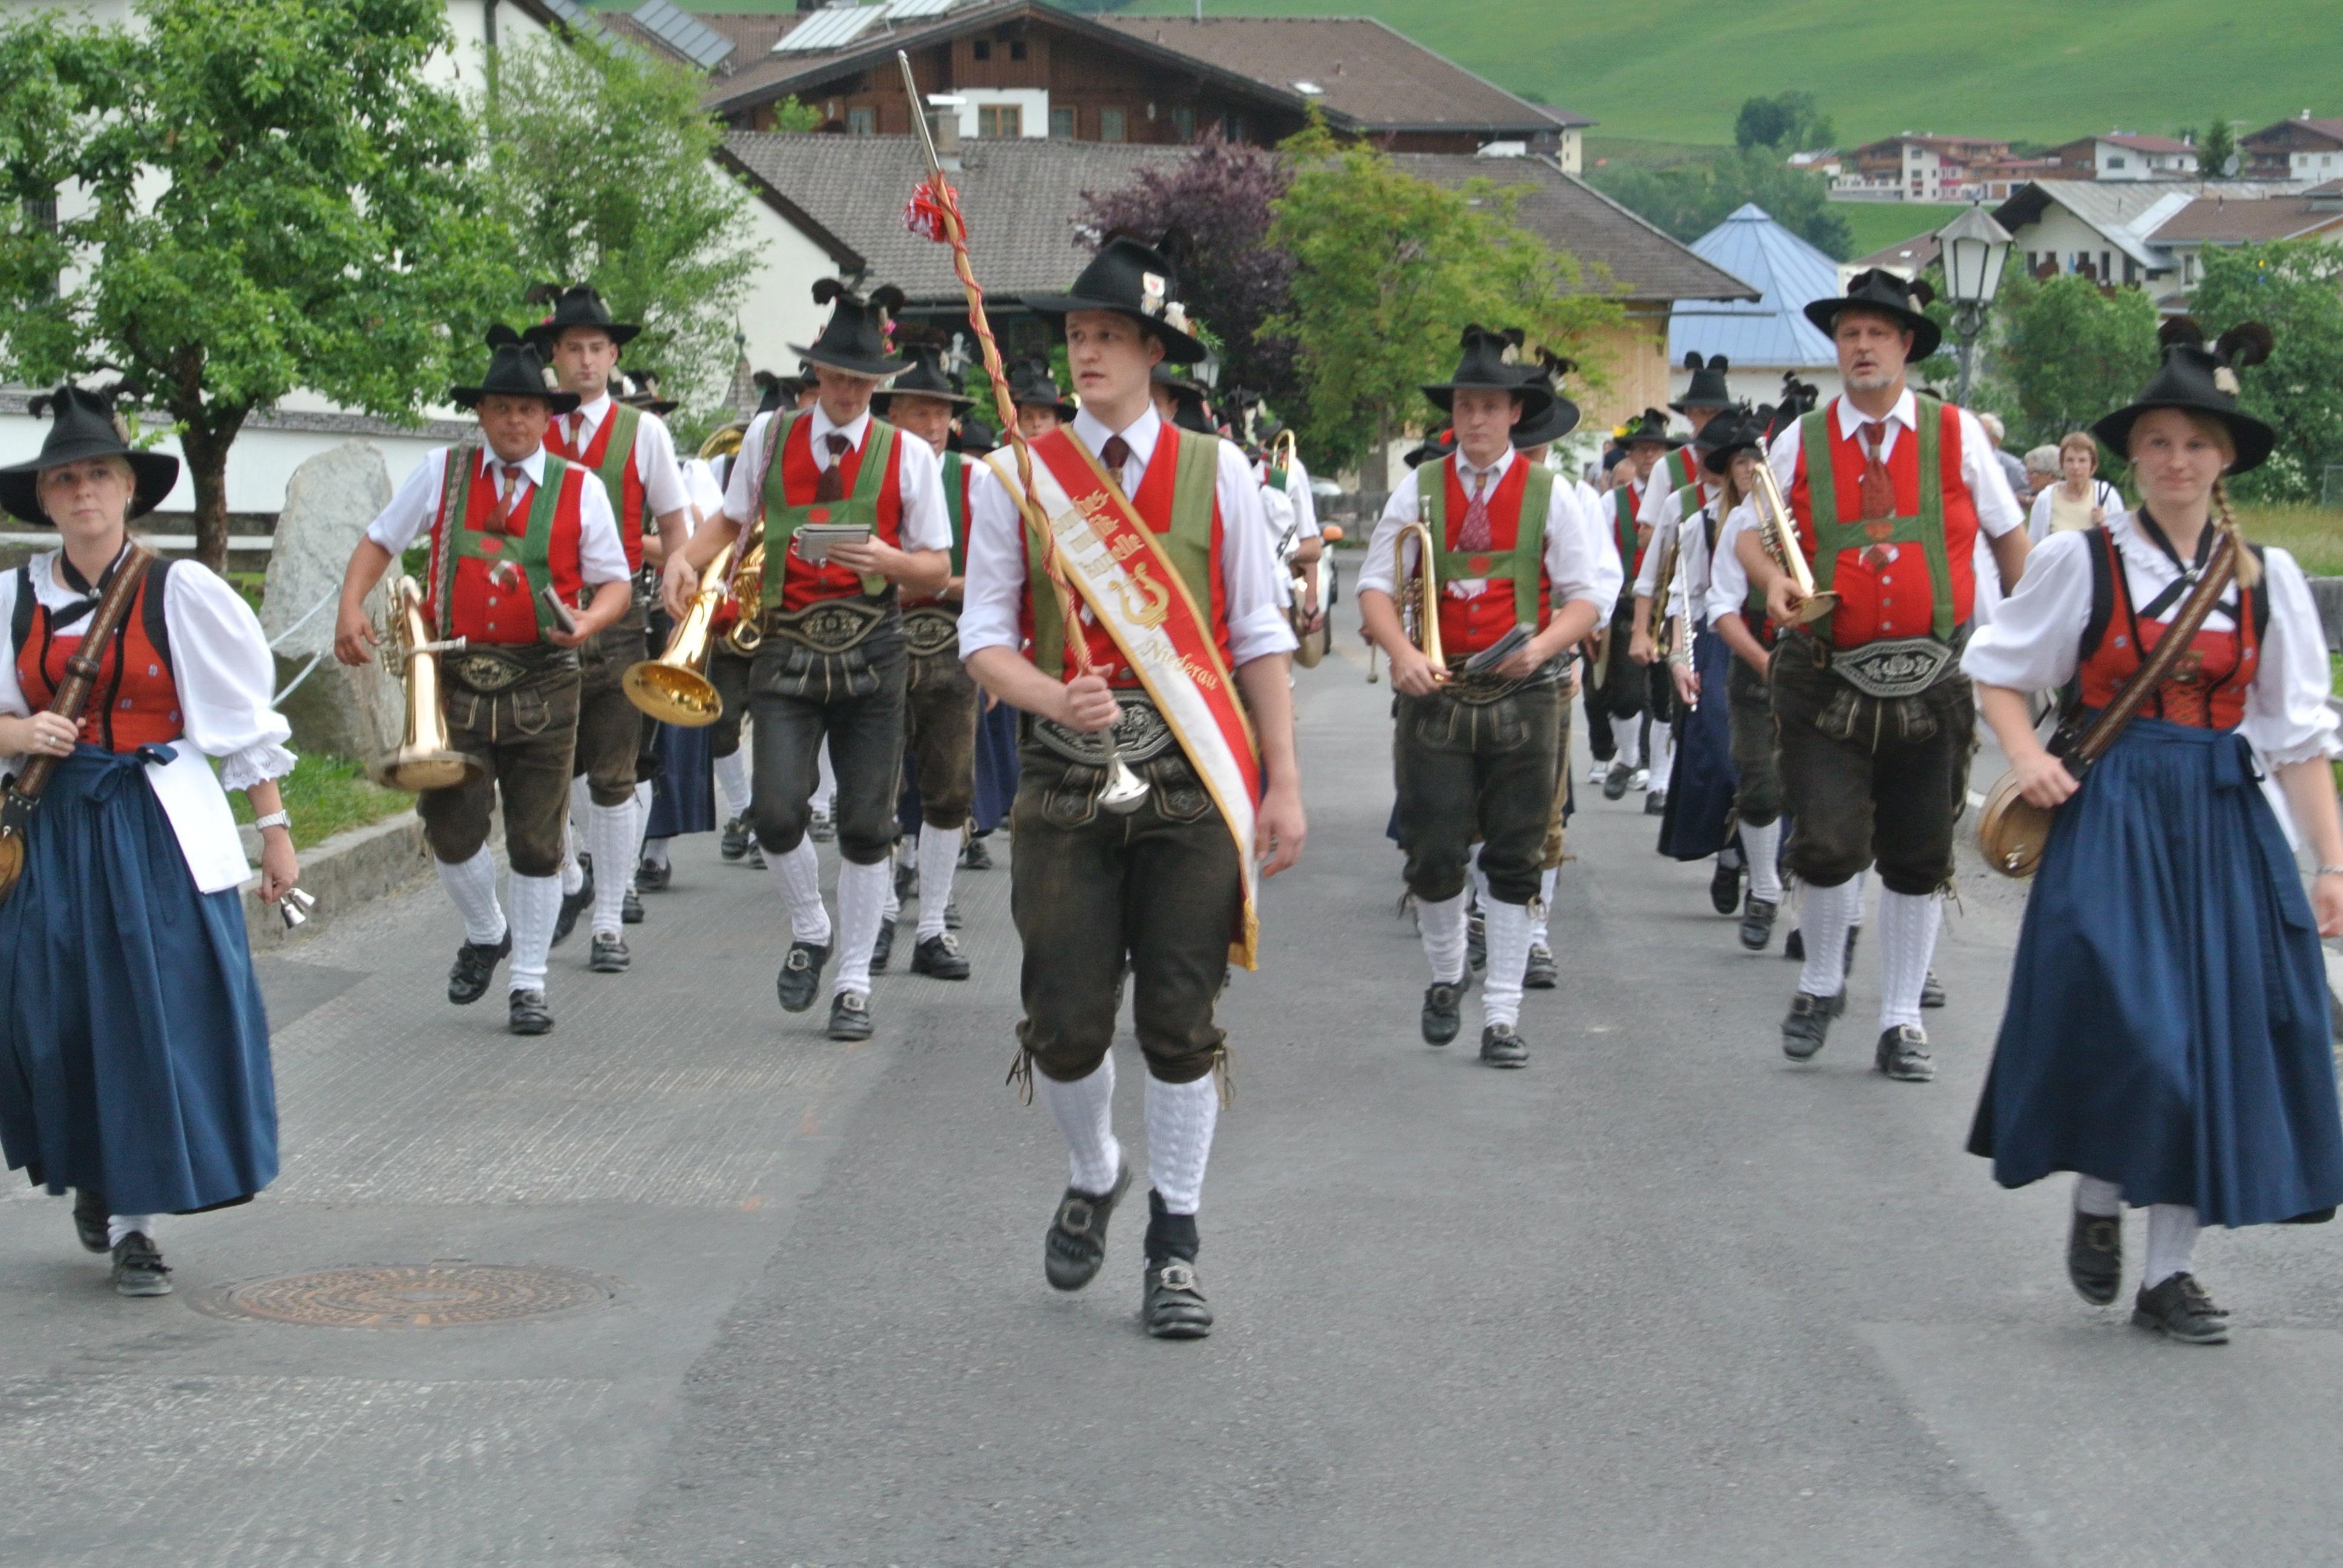 Kapellenmarsch